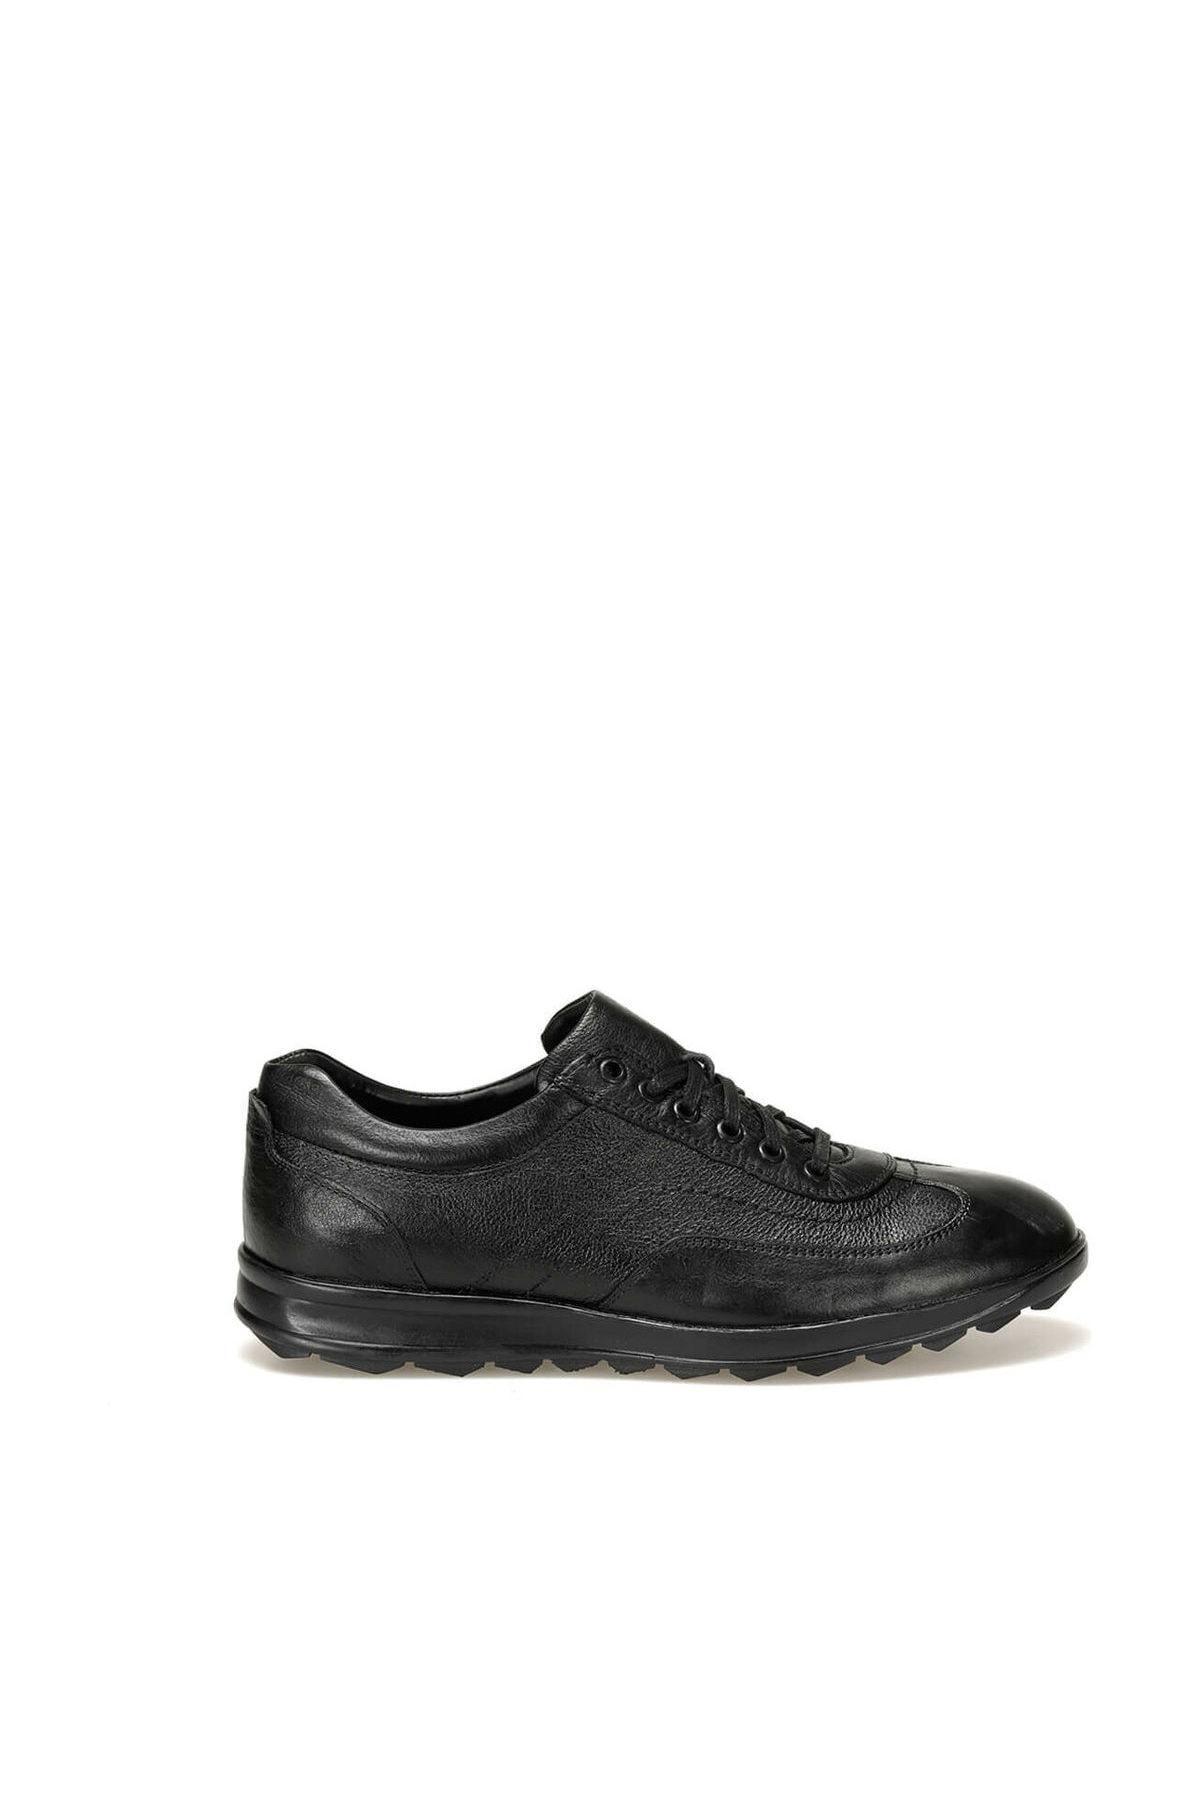 OXIDE 308-C 19 Siyah Erkek Ayakkabı 100441026 2